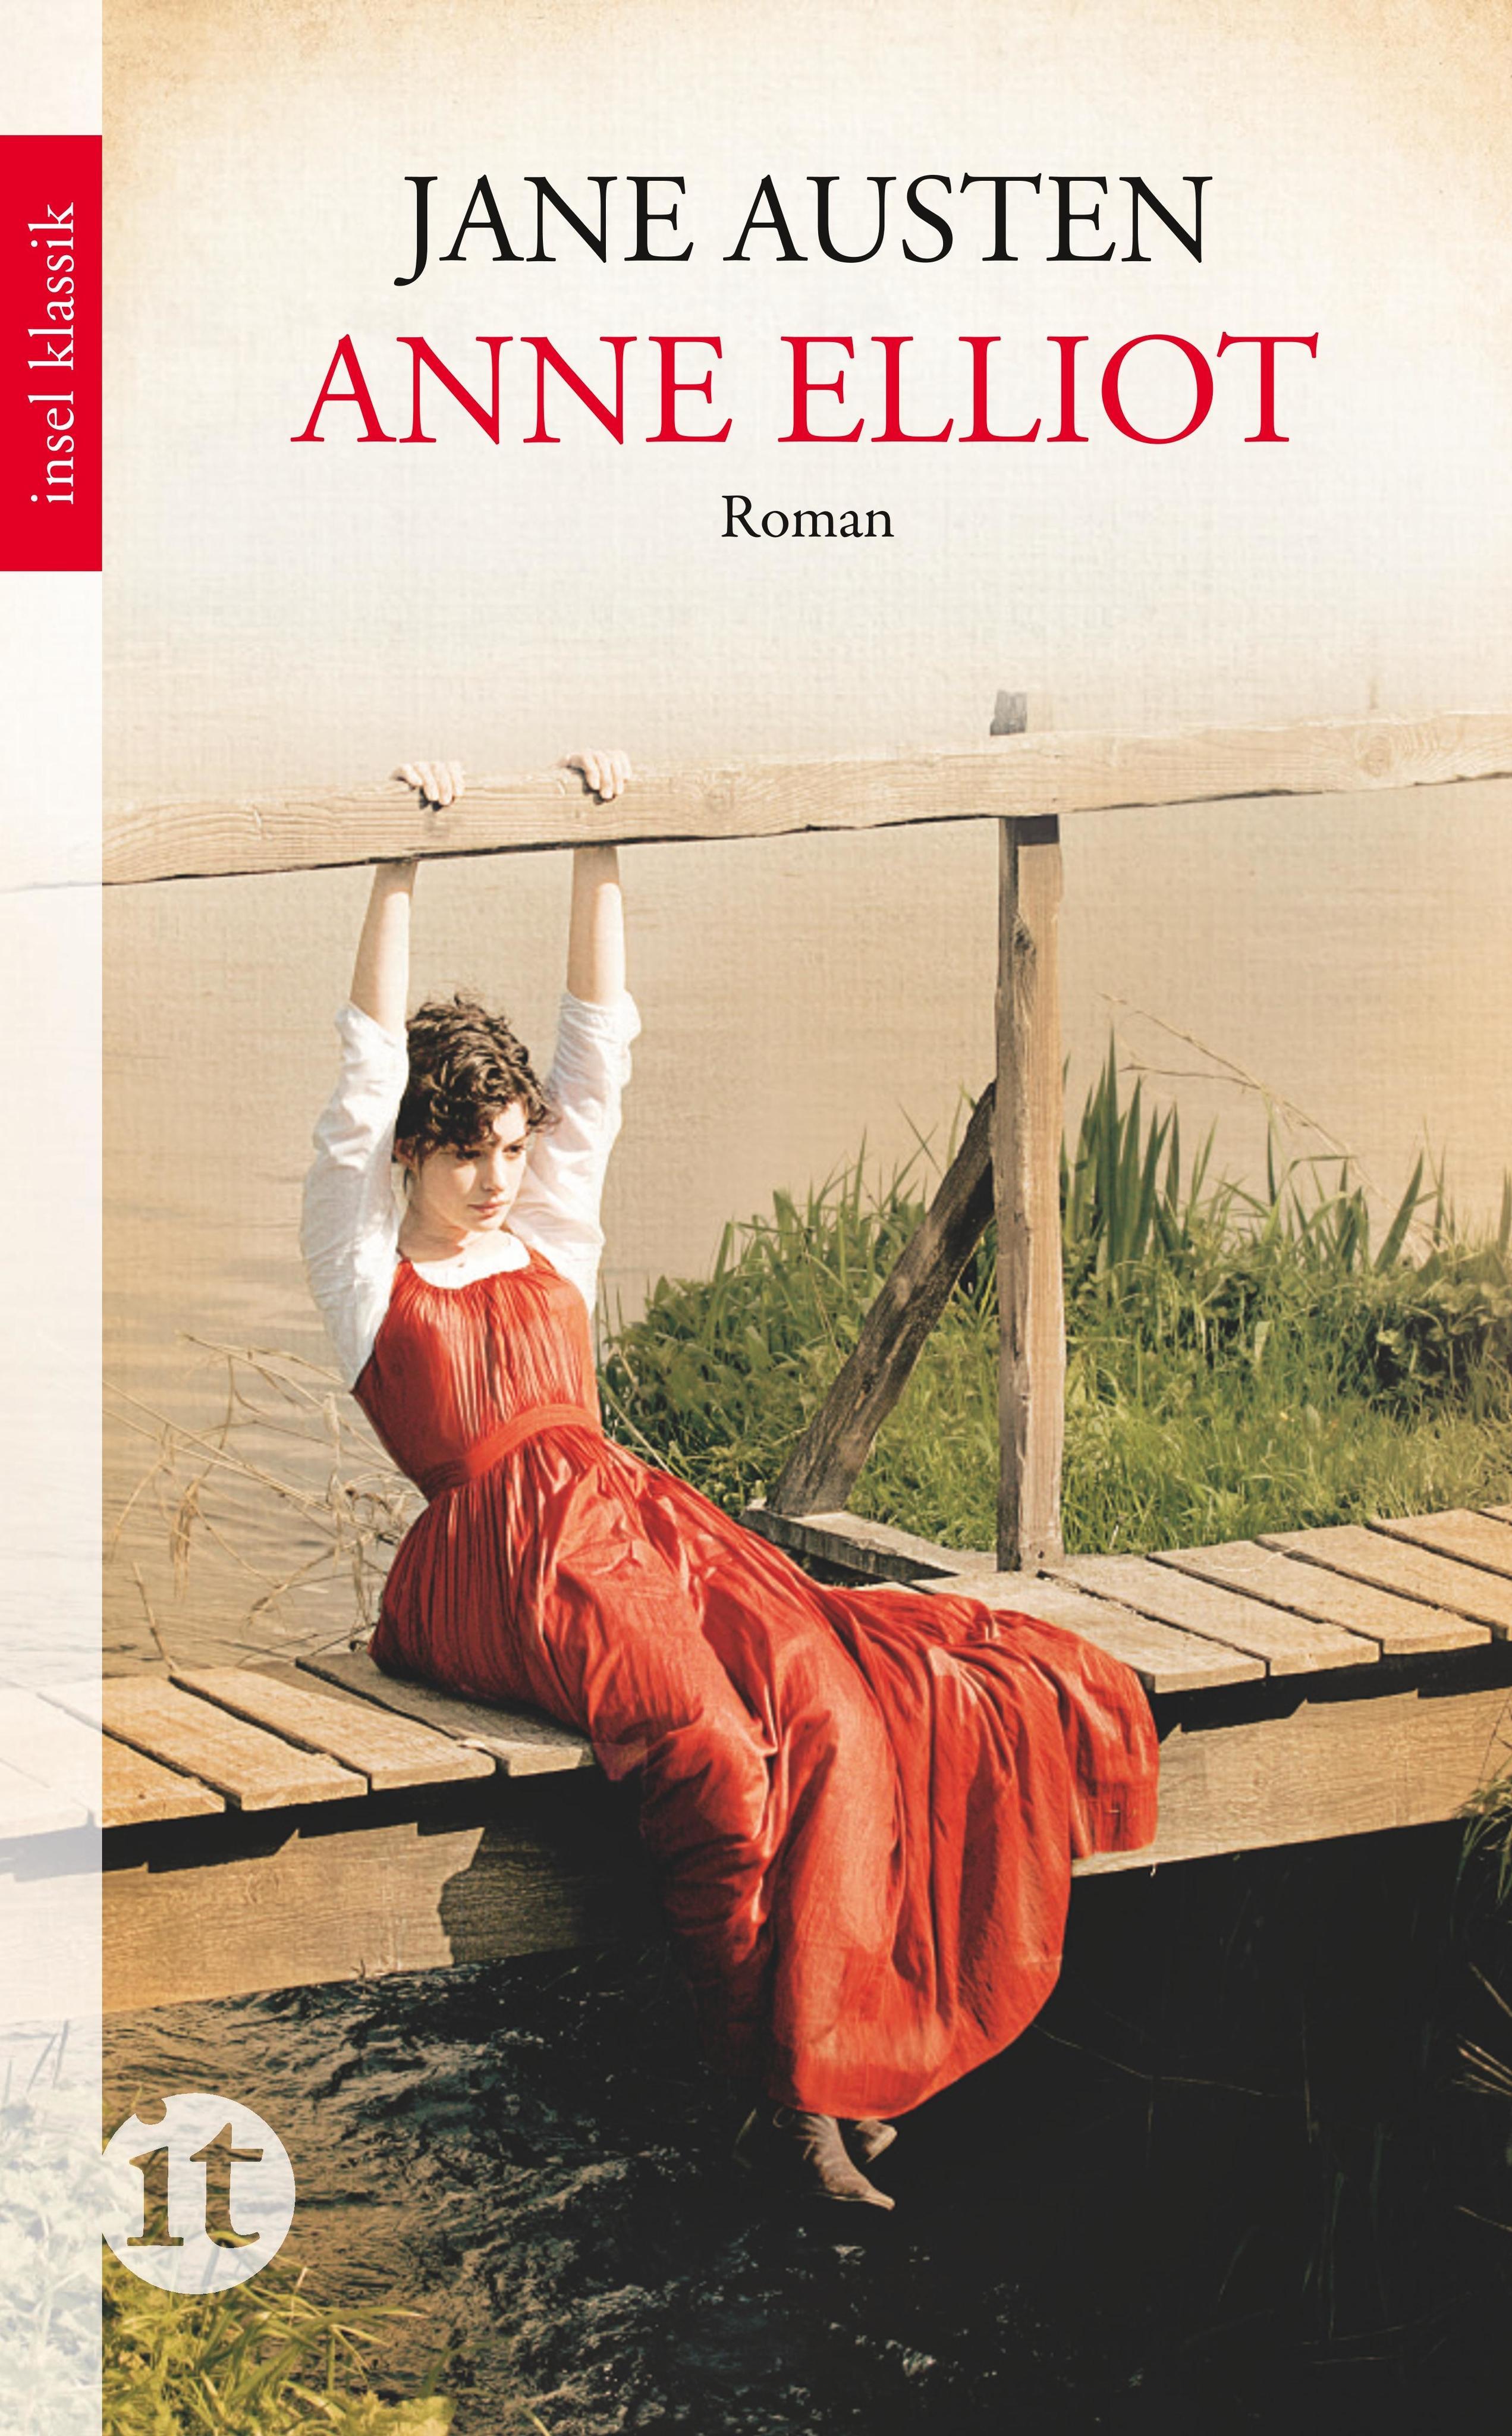 Anne Elliot oder Die Kunst der Überredung: Jane Austen